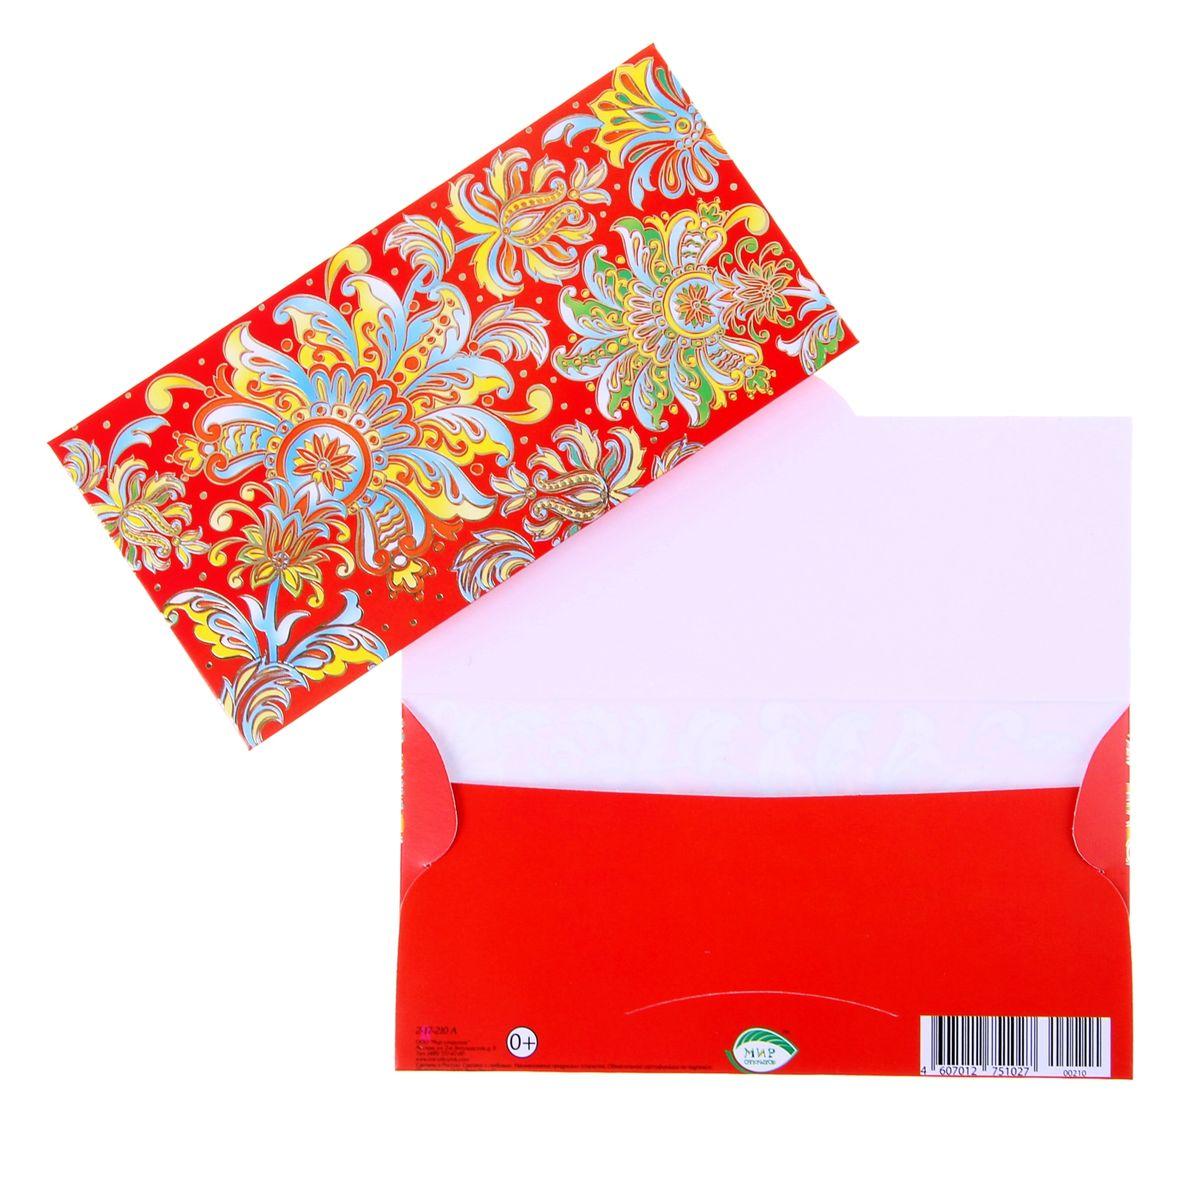 Конверт для денег Sima-land. 10945431094543Конверт для денег Sima-land универсальный выполнен из плотной бумаги и украшен яркой картинкой с орнаментом. Это необычная красивая одежка для денежного подарка, а так же отличная возможность сделать его более праздничным и создать прекрасное настроение! Конверт Sima-land - идеальное решение, если вы хотите подарить деньги.